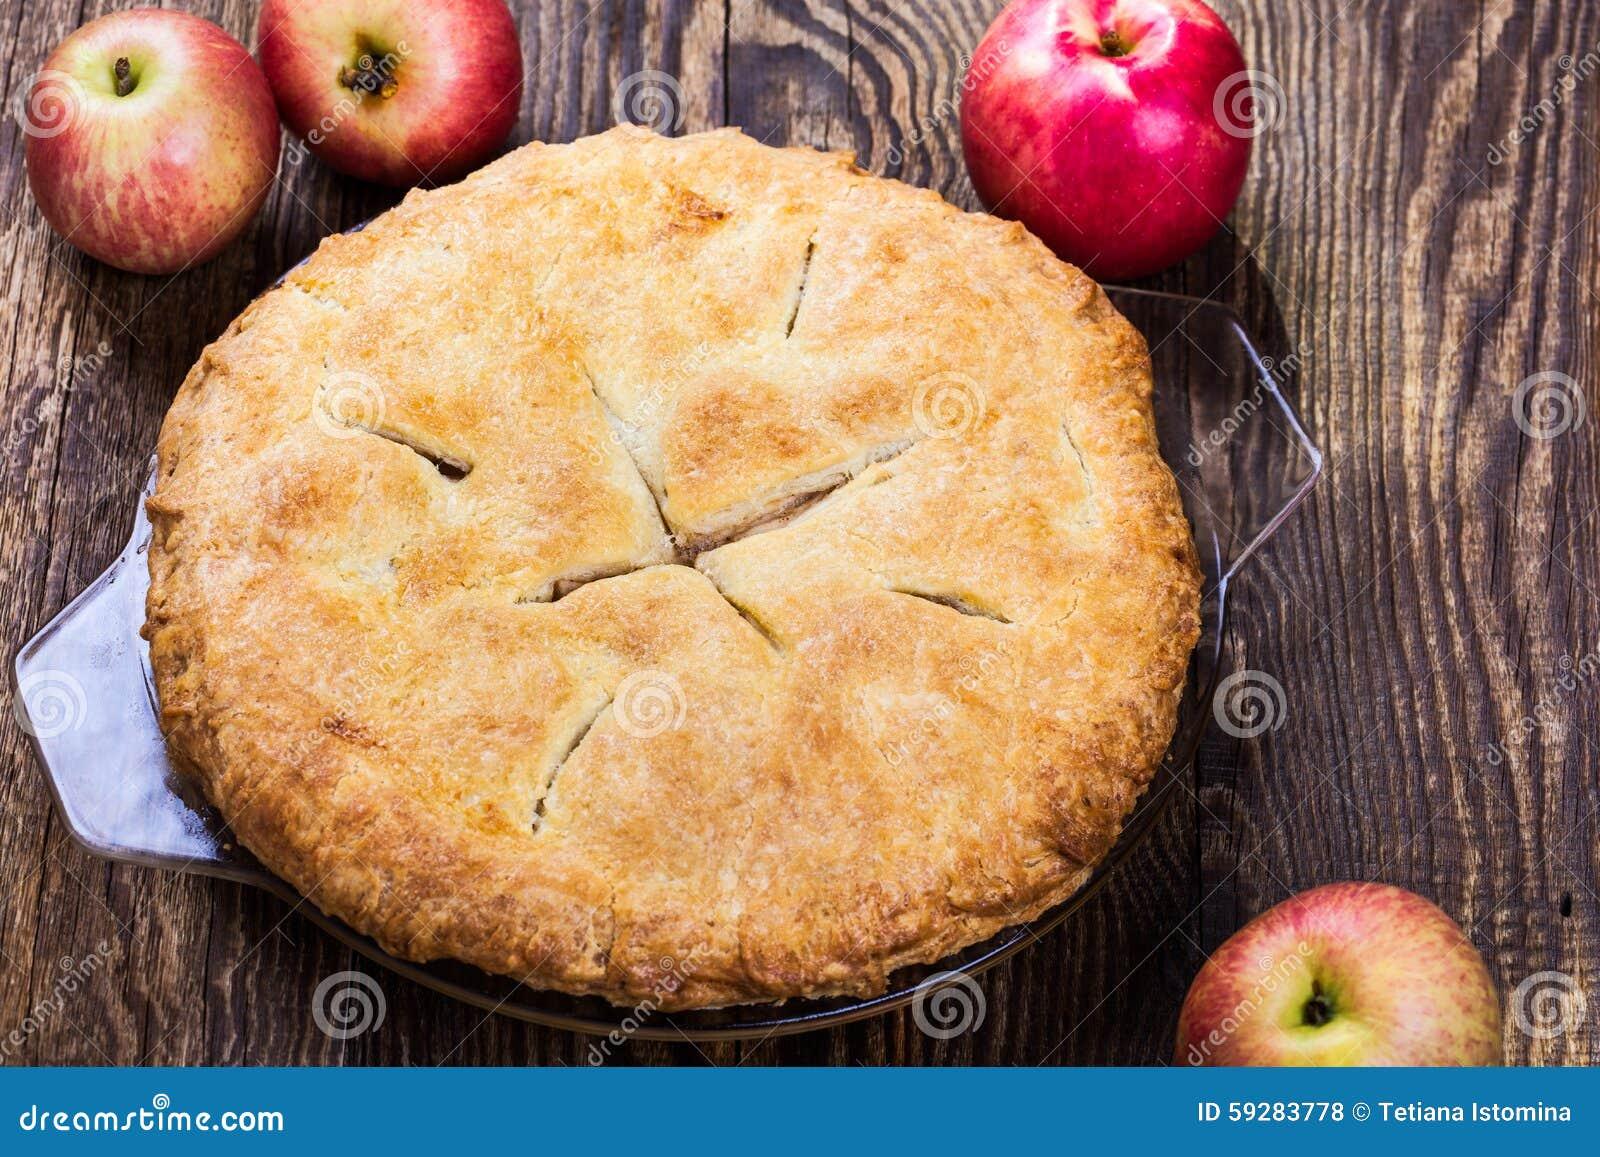 Empanada de manzana hecha en casa foto de archivo imagen - Empanelados de madera ...